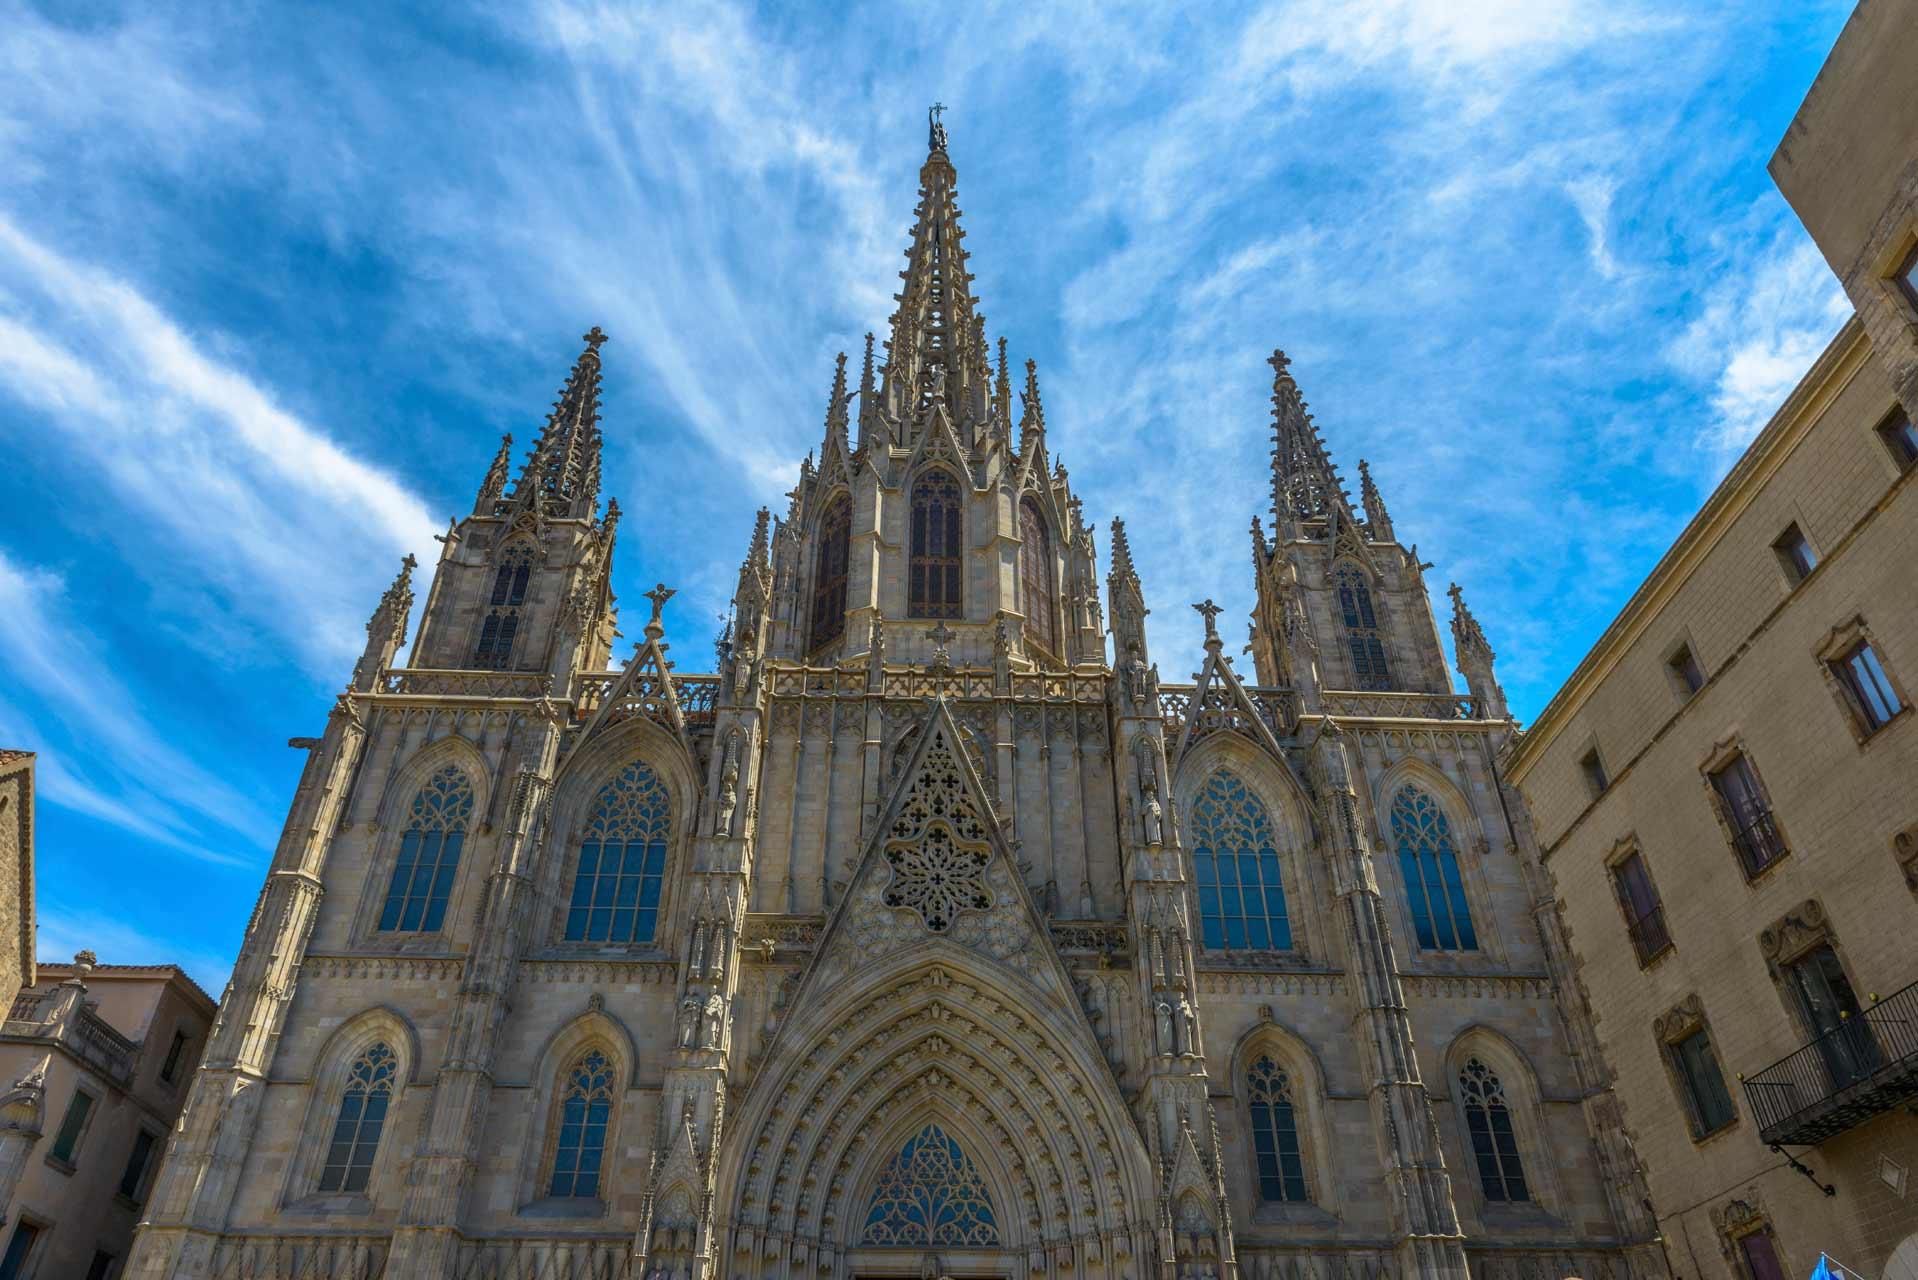 nhà thờ barcelona cathedral - ảnh đại diện